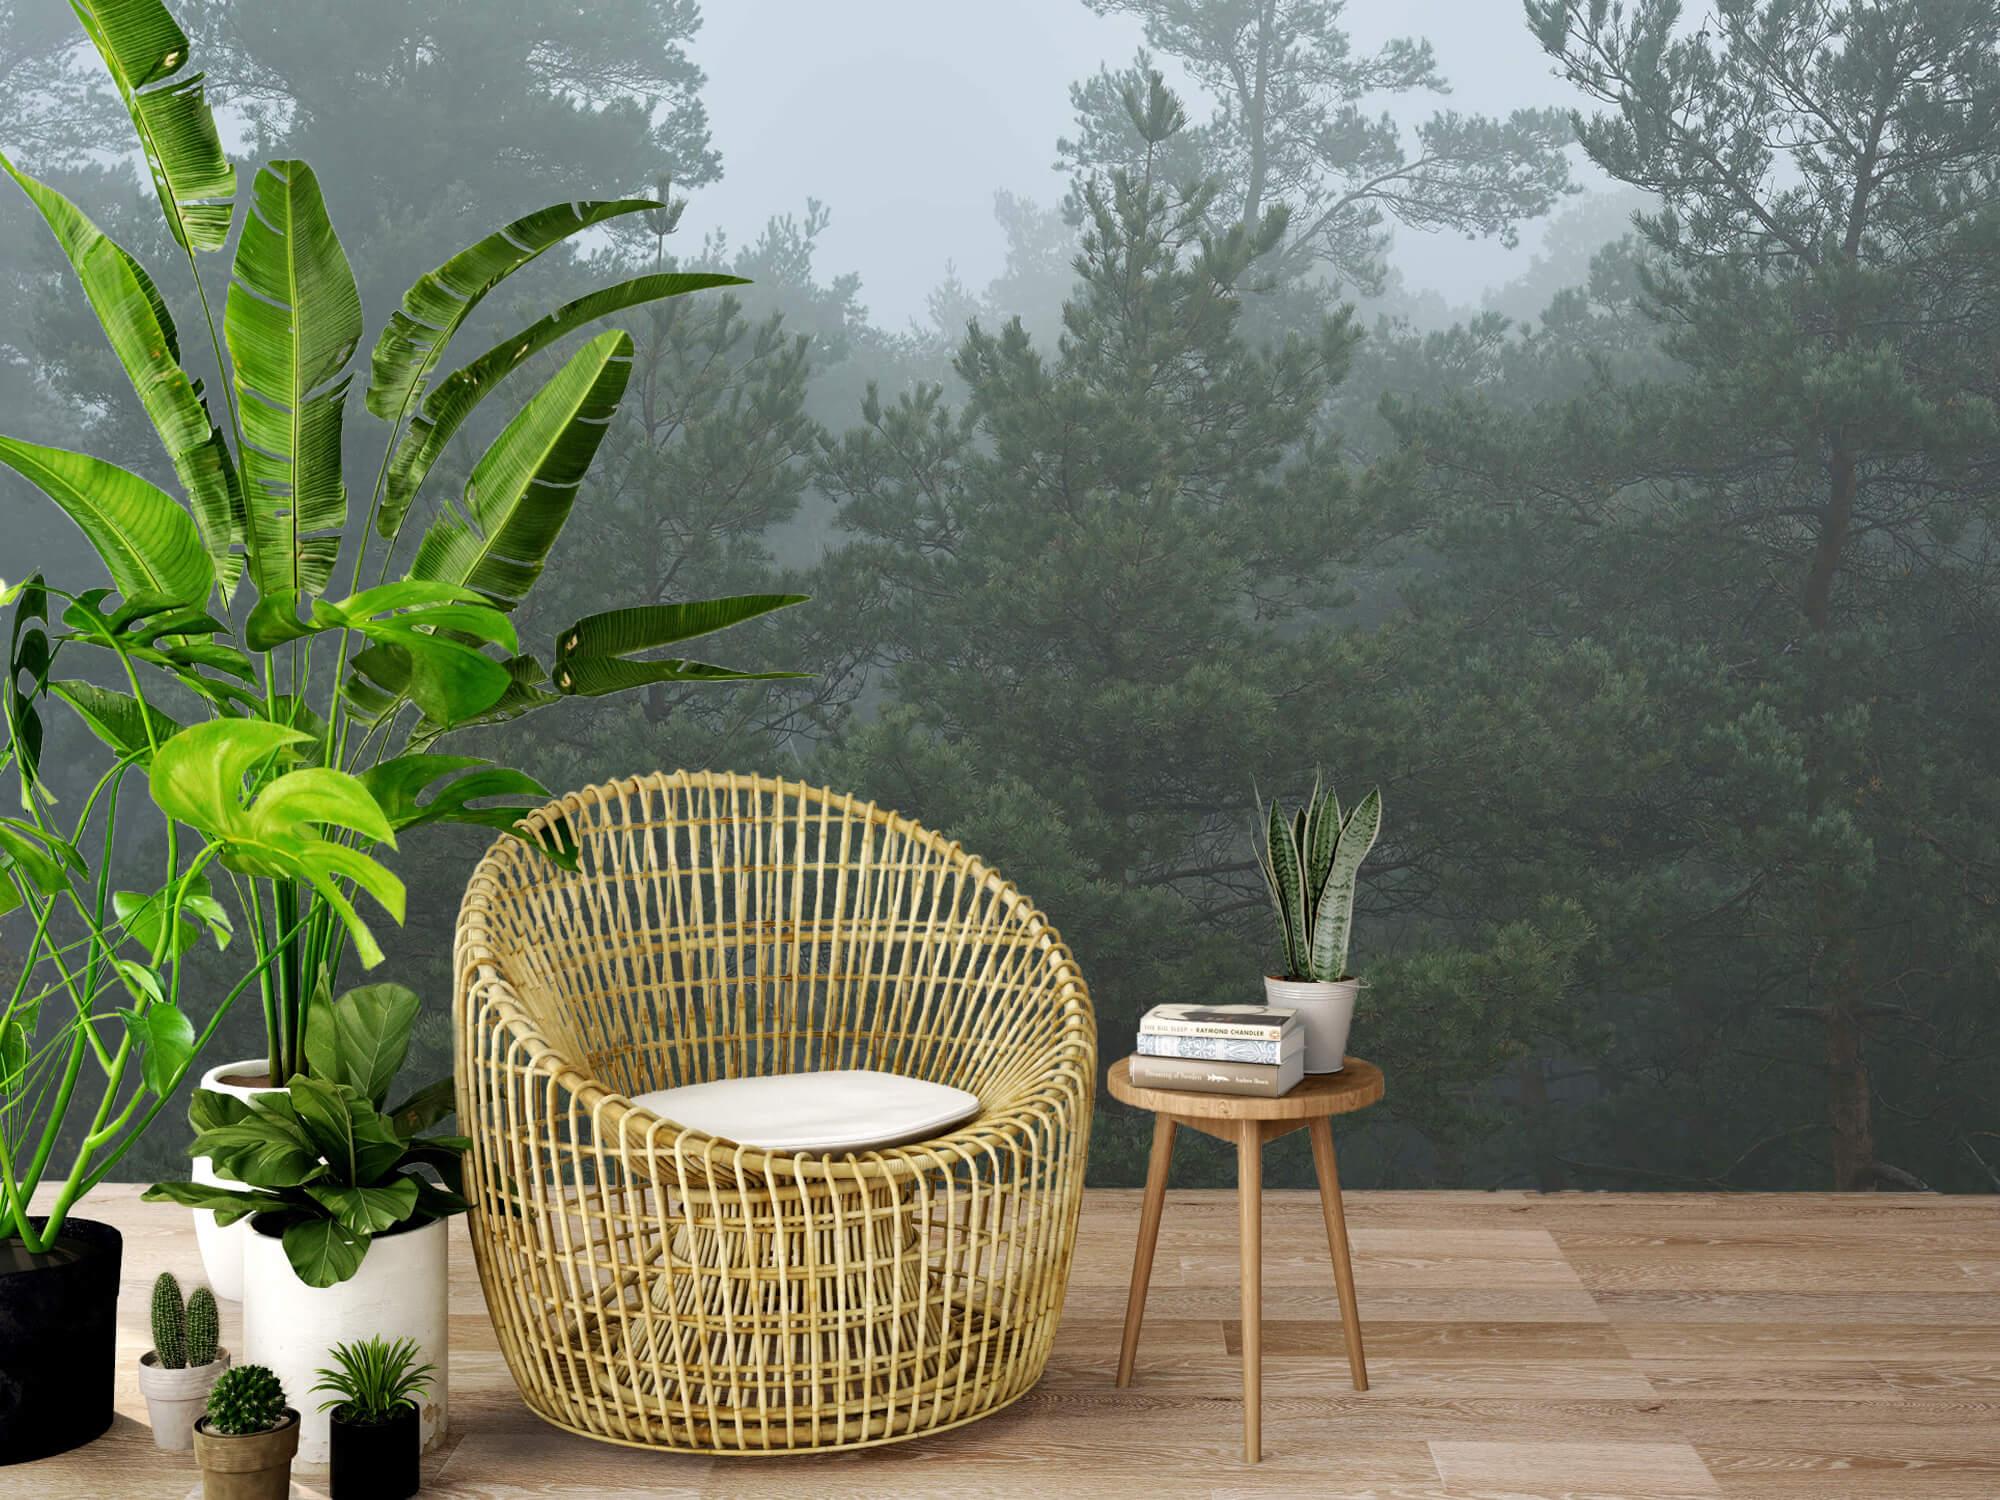 Natuur Naaldbomen in de mist 9